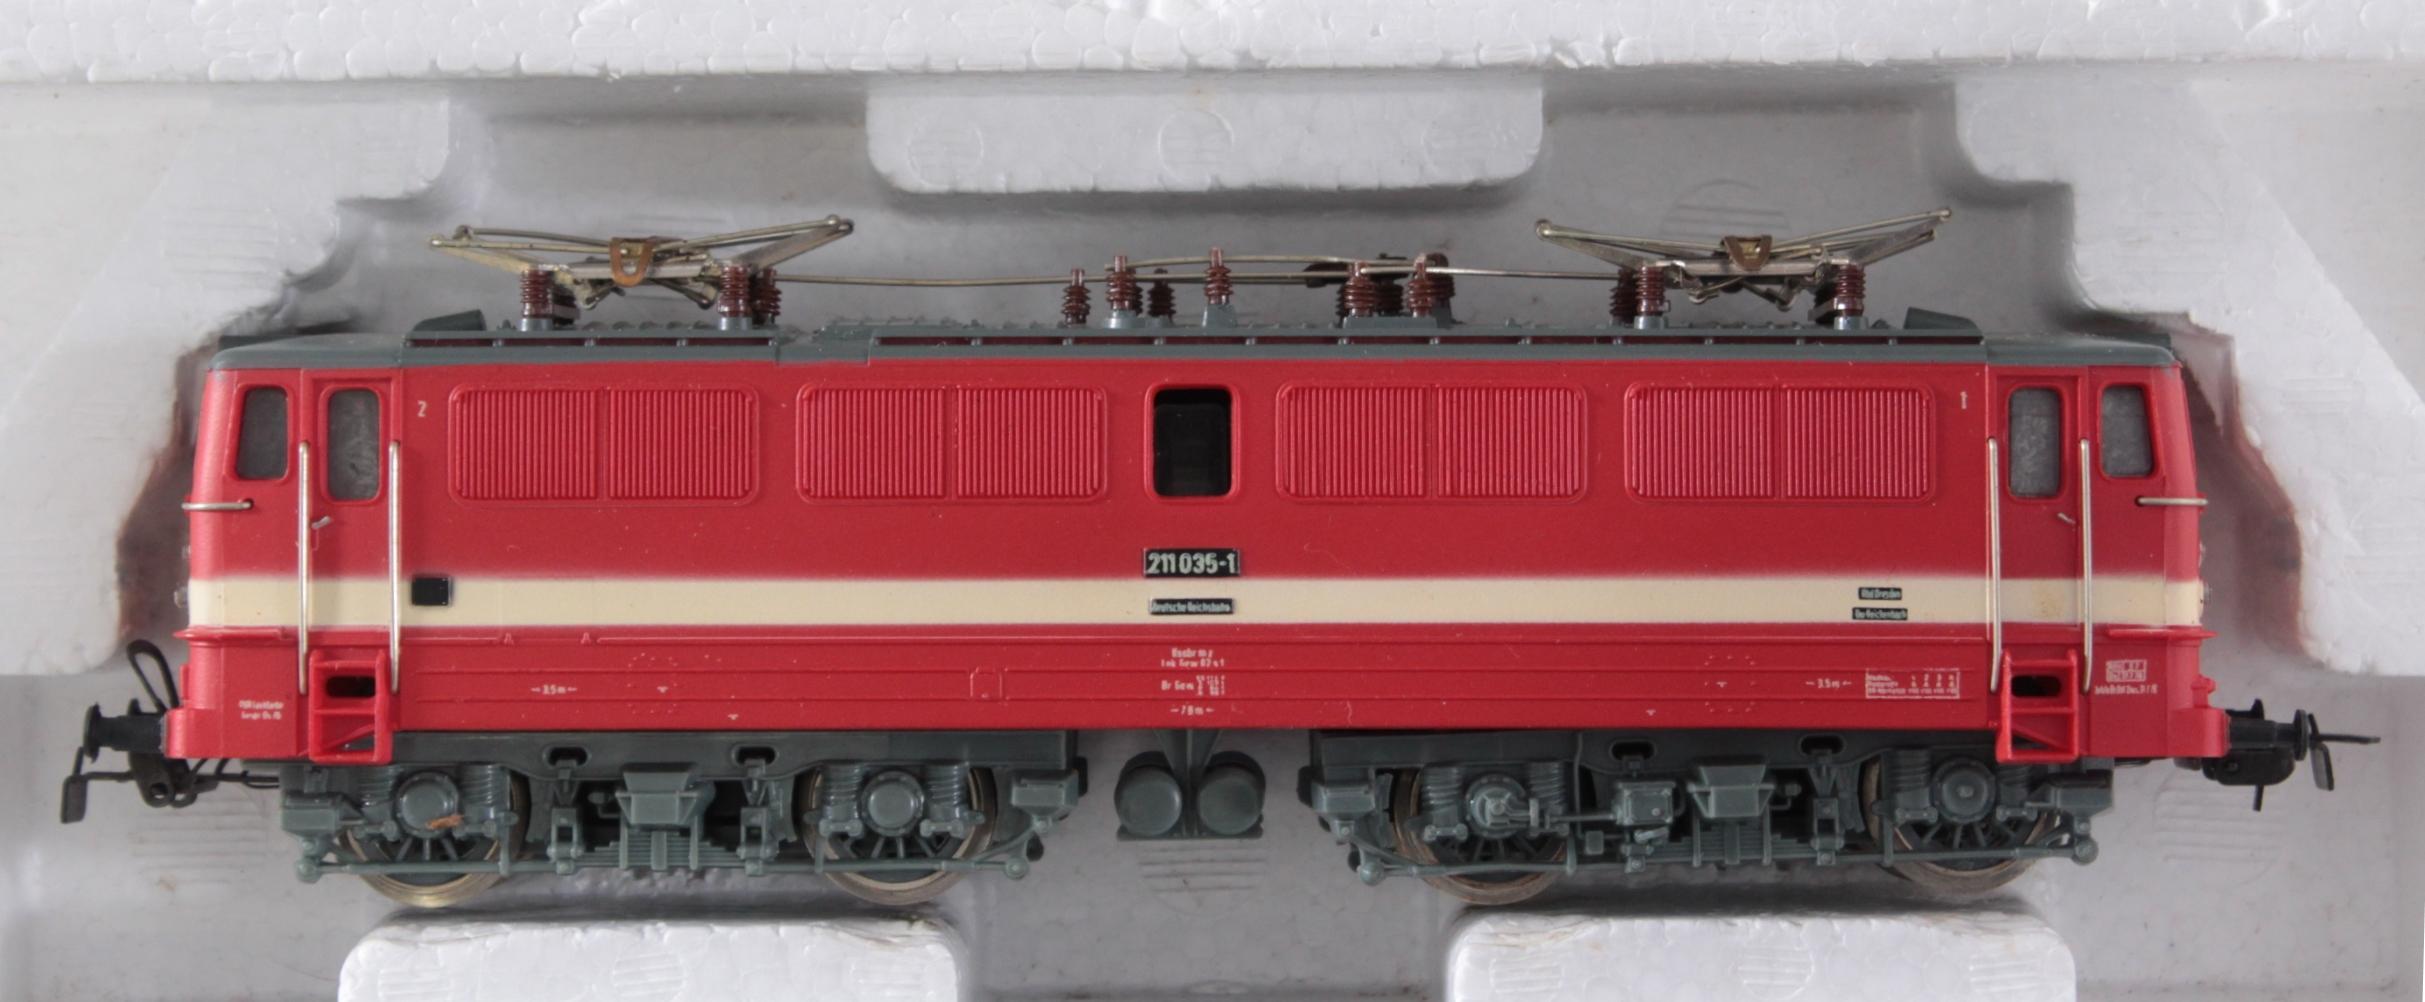 Piko Komplettanlage mit 2 E-Loks und 1 Dampflok Spur H0 in der Originalverpackung-5